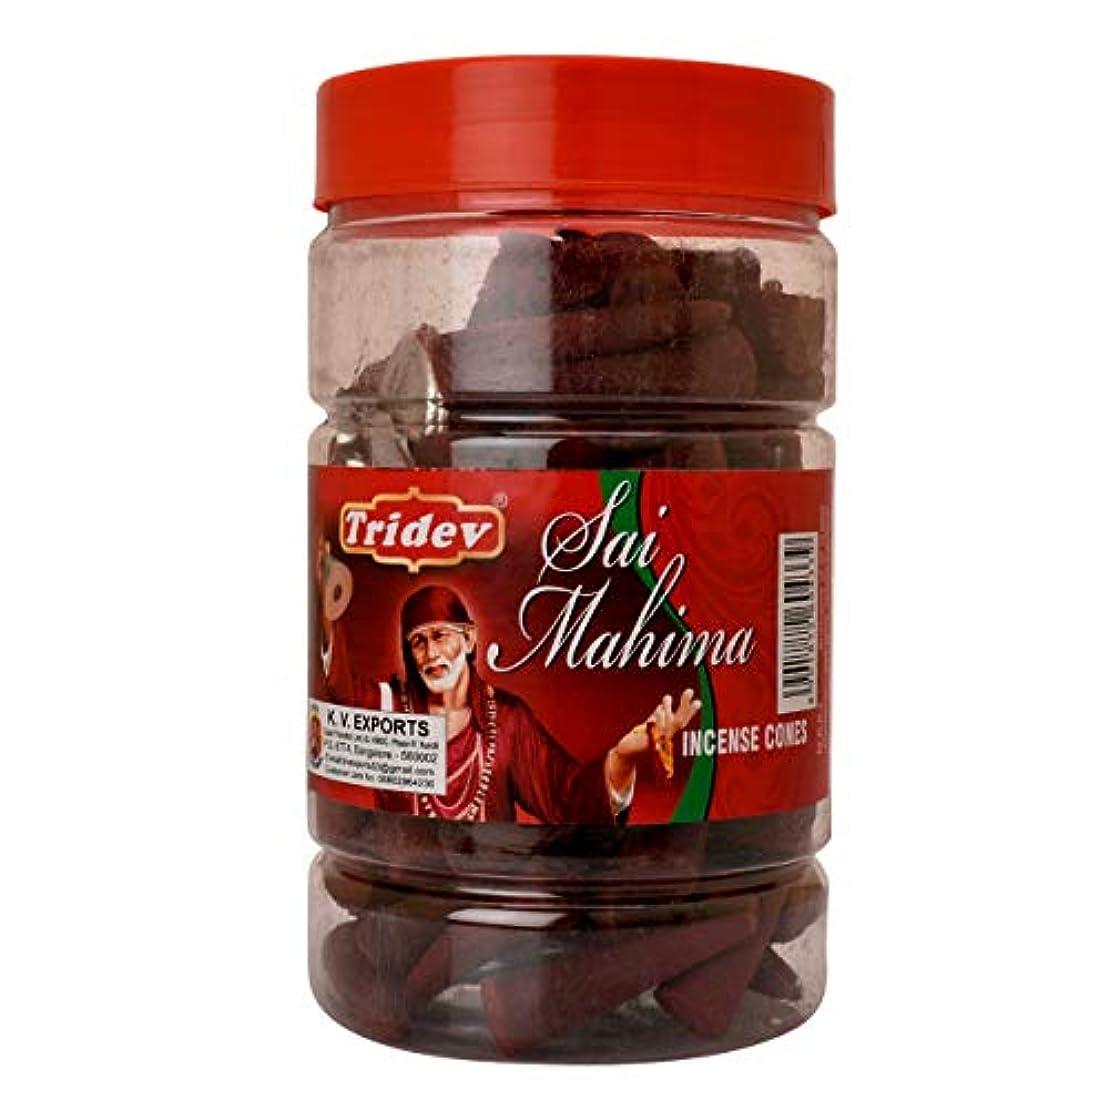 ふつう必要性東ティモールTridev Sai Mahima フレグランス コーン型お香瓶 1350グラム ボックス入り | 6瓶 225グラム 箱入り | 輸出品質